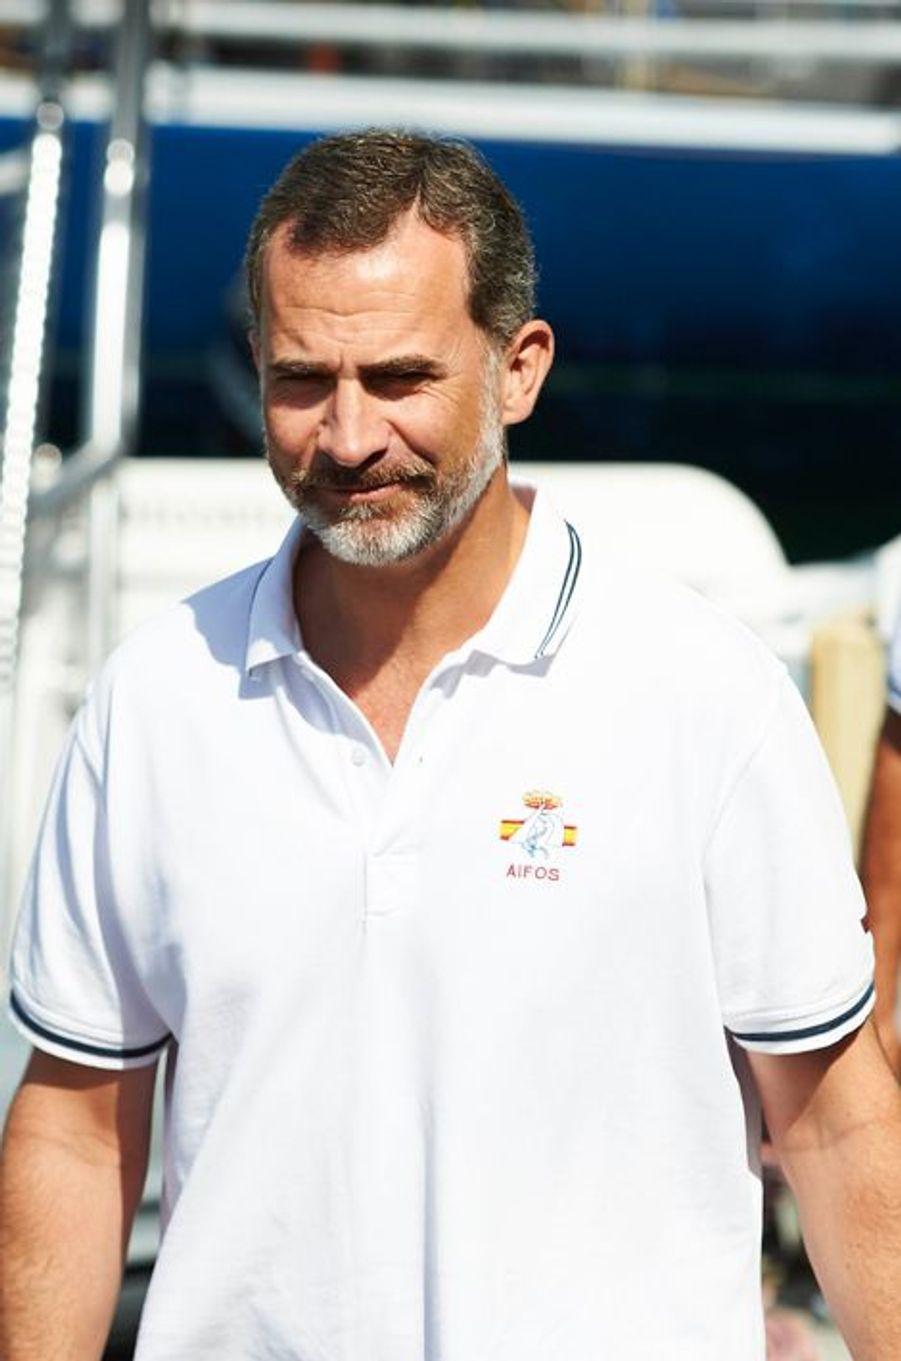 Le roi Felipe VI d'Espagne à Palma de Majorque, le 5 août 2015